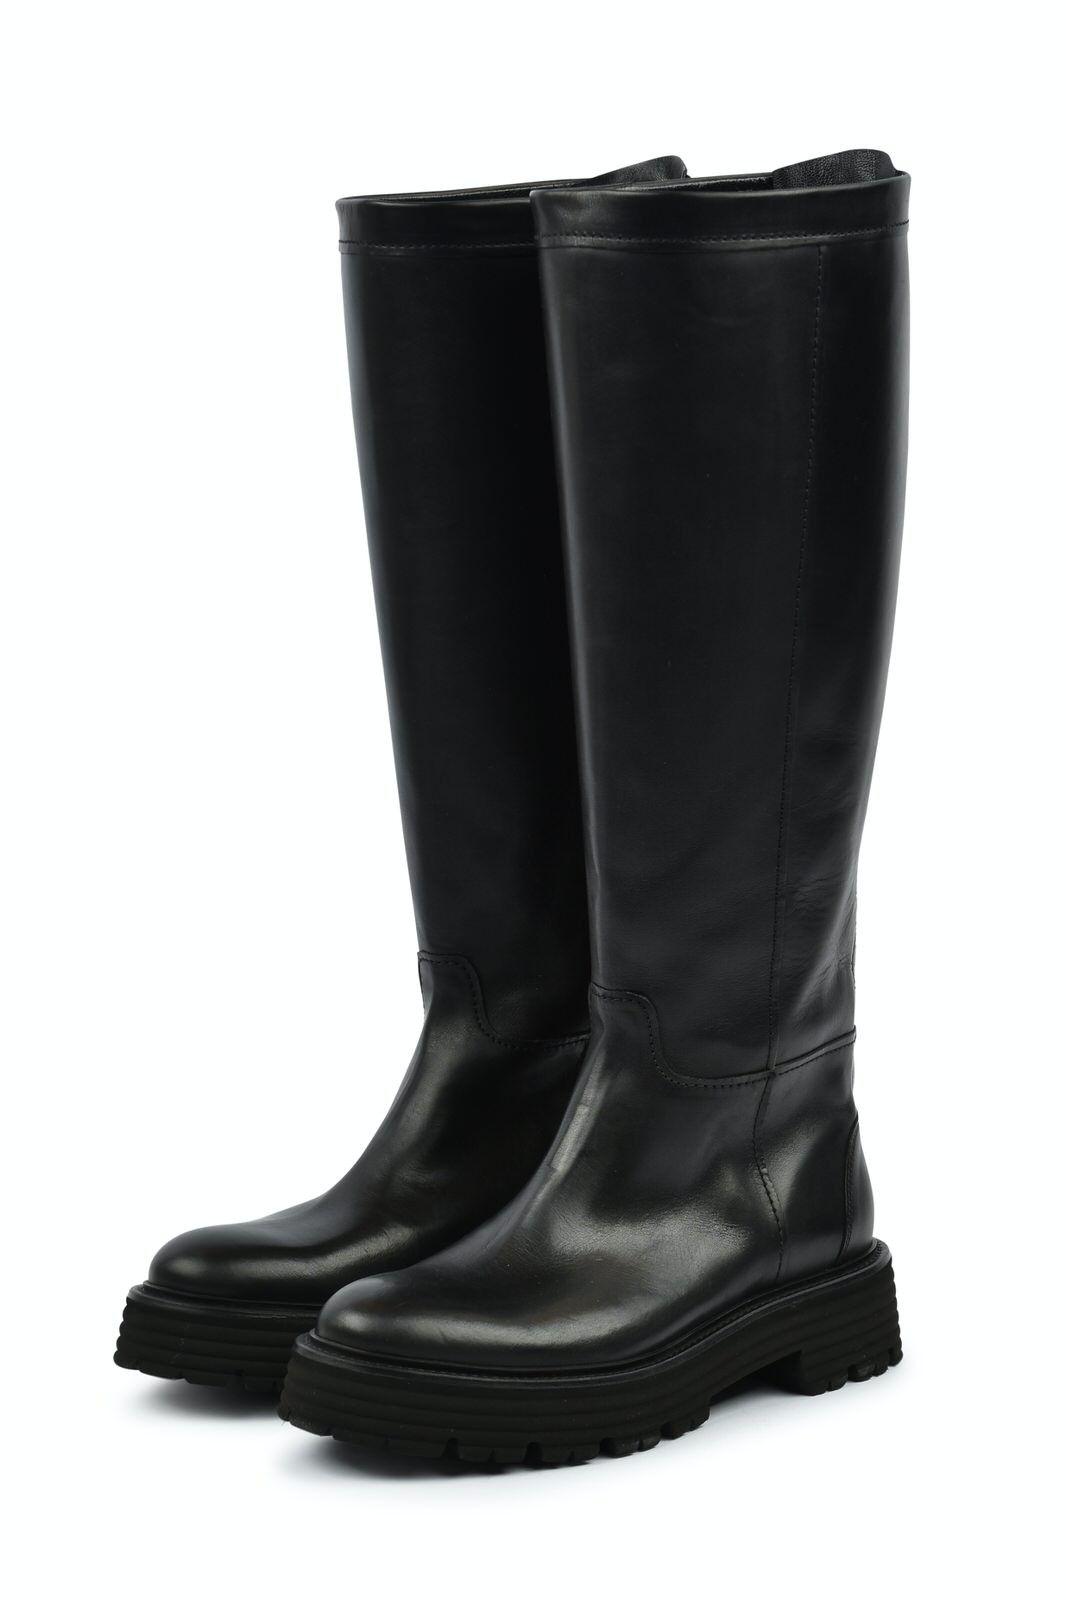 KENNEL & SCHMENGER - Damen Stiefel - Power Premium Calf - Schwarz